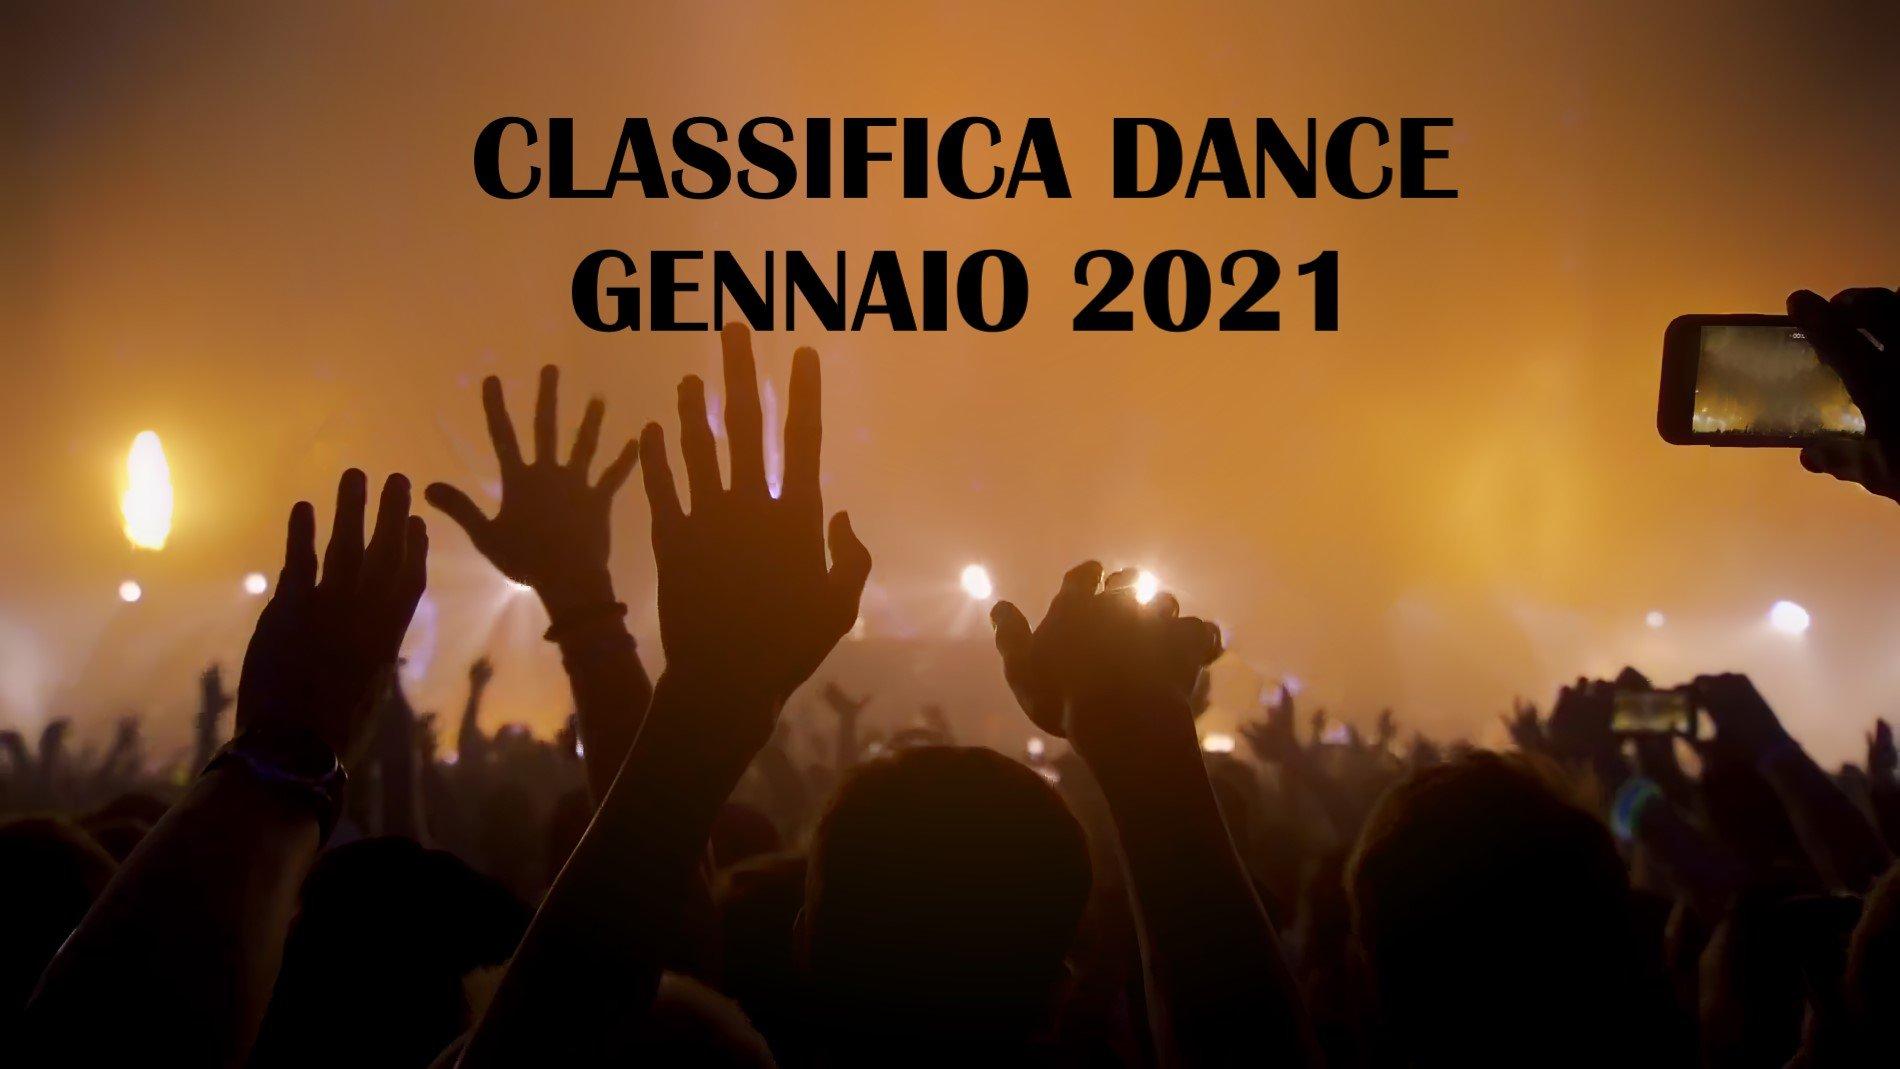 CLASSIFICA DANCE GENNAIO 2021